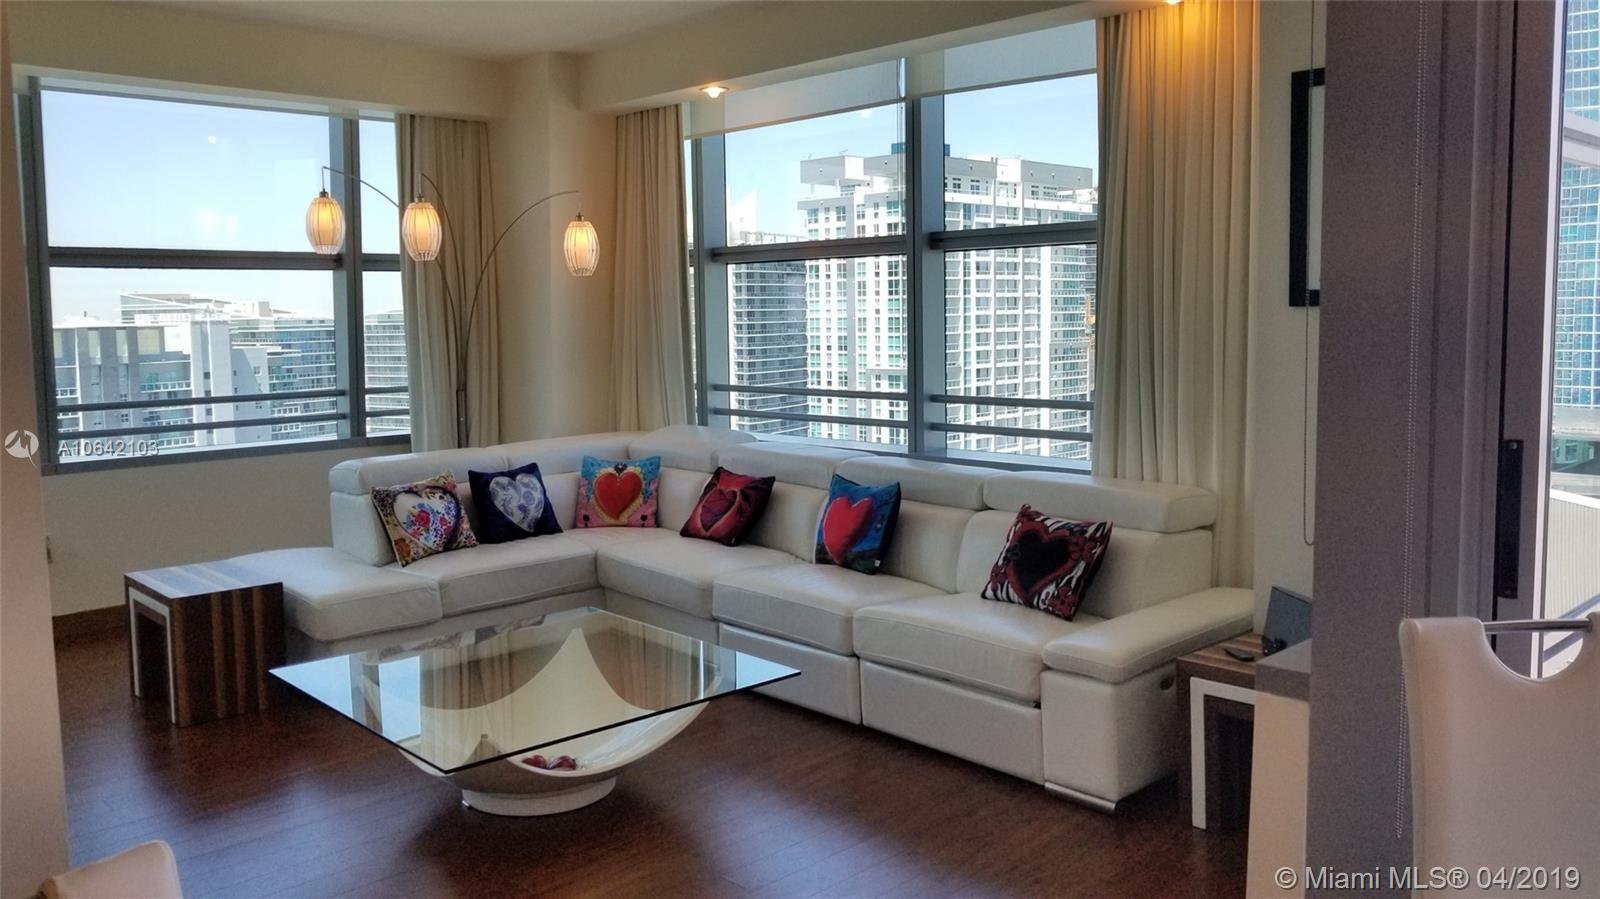 1395 Brickell Ave #3101, Miami, FL 33131 - #: A10642103